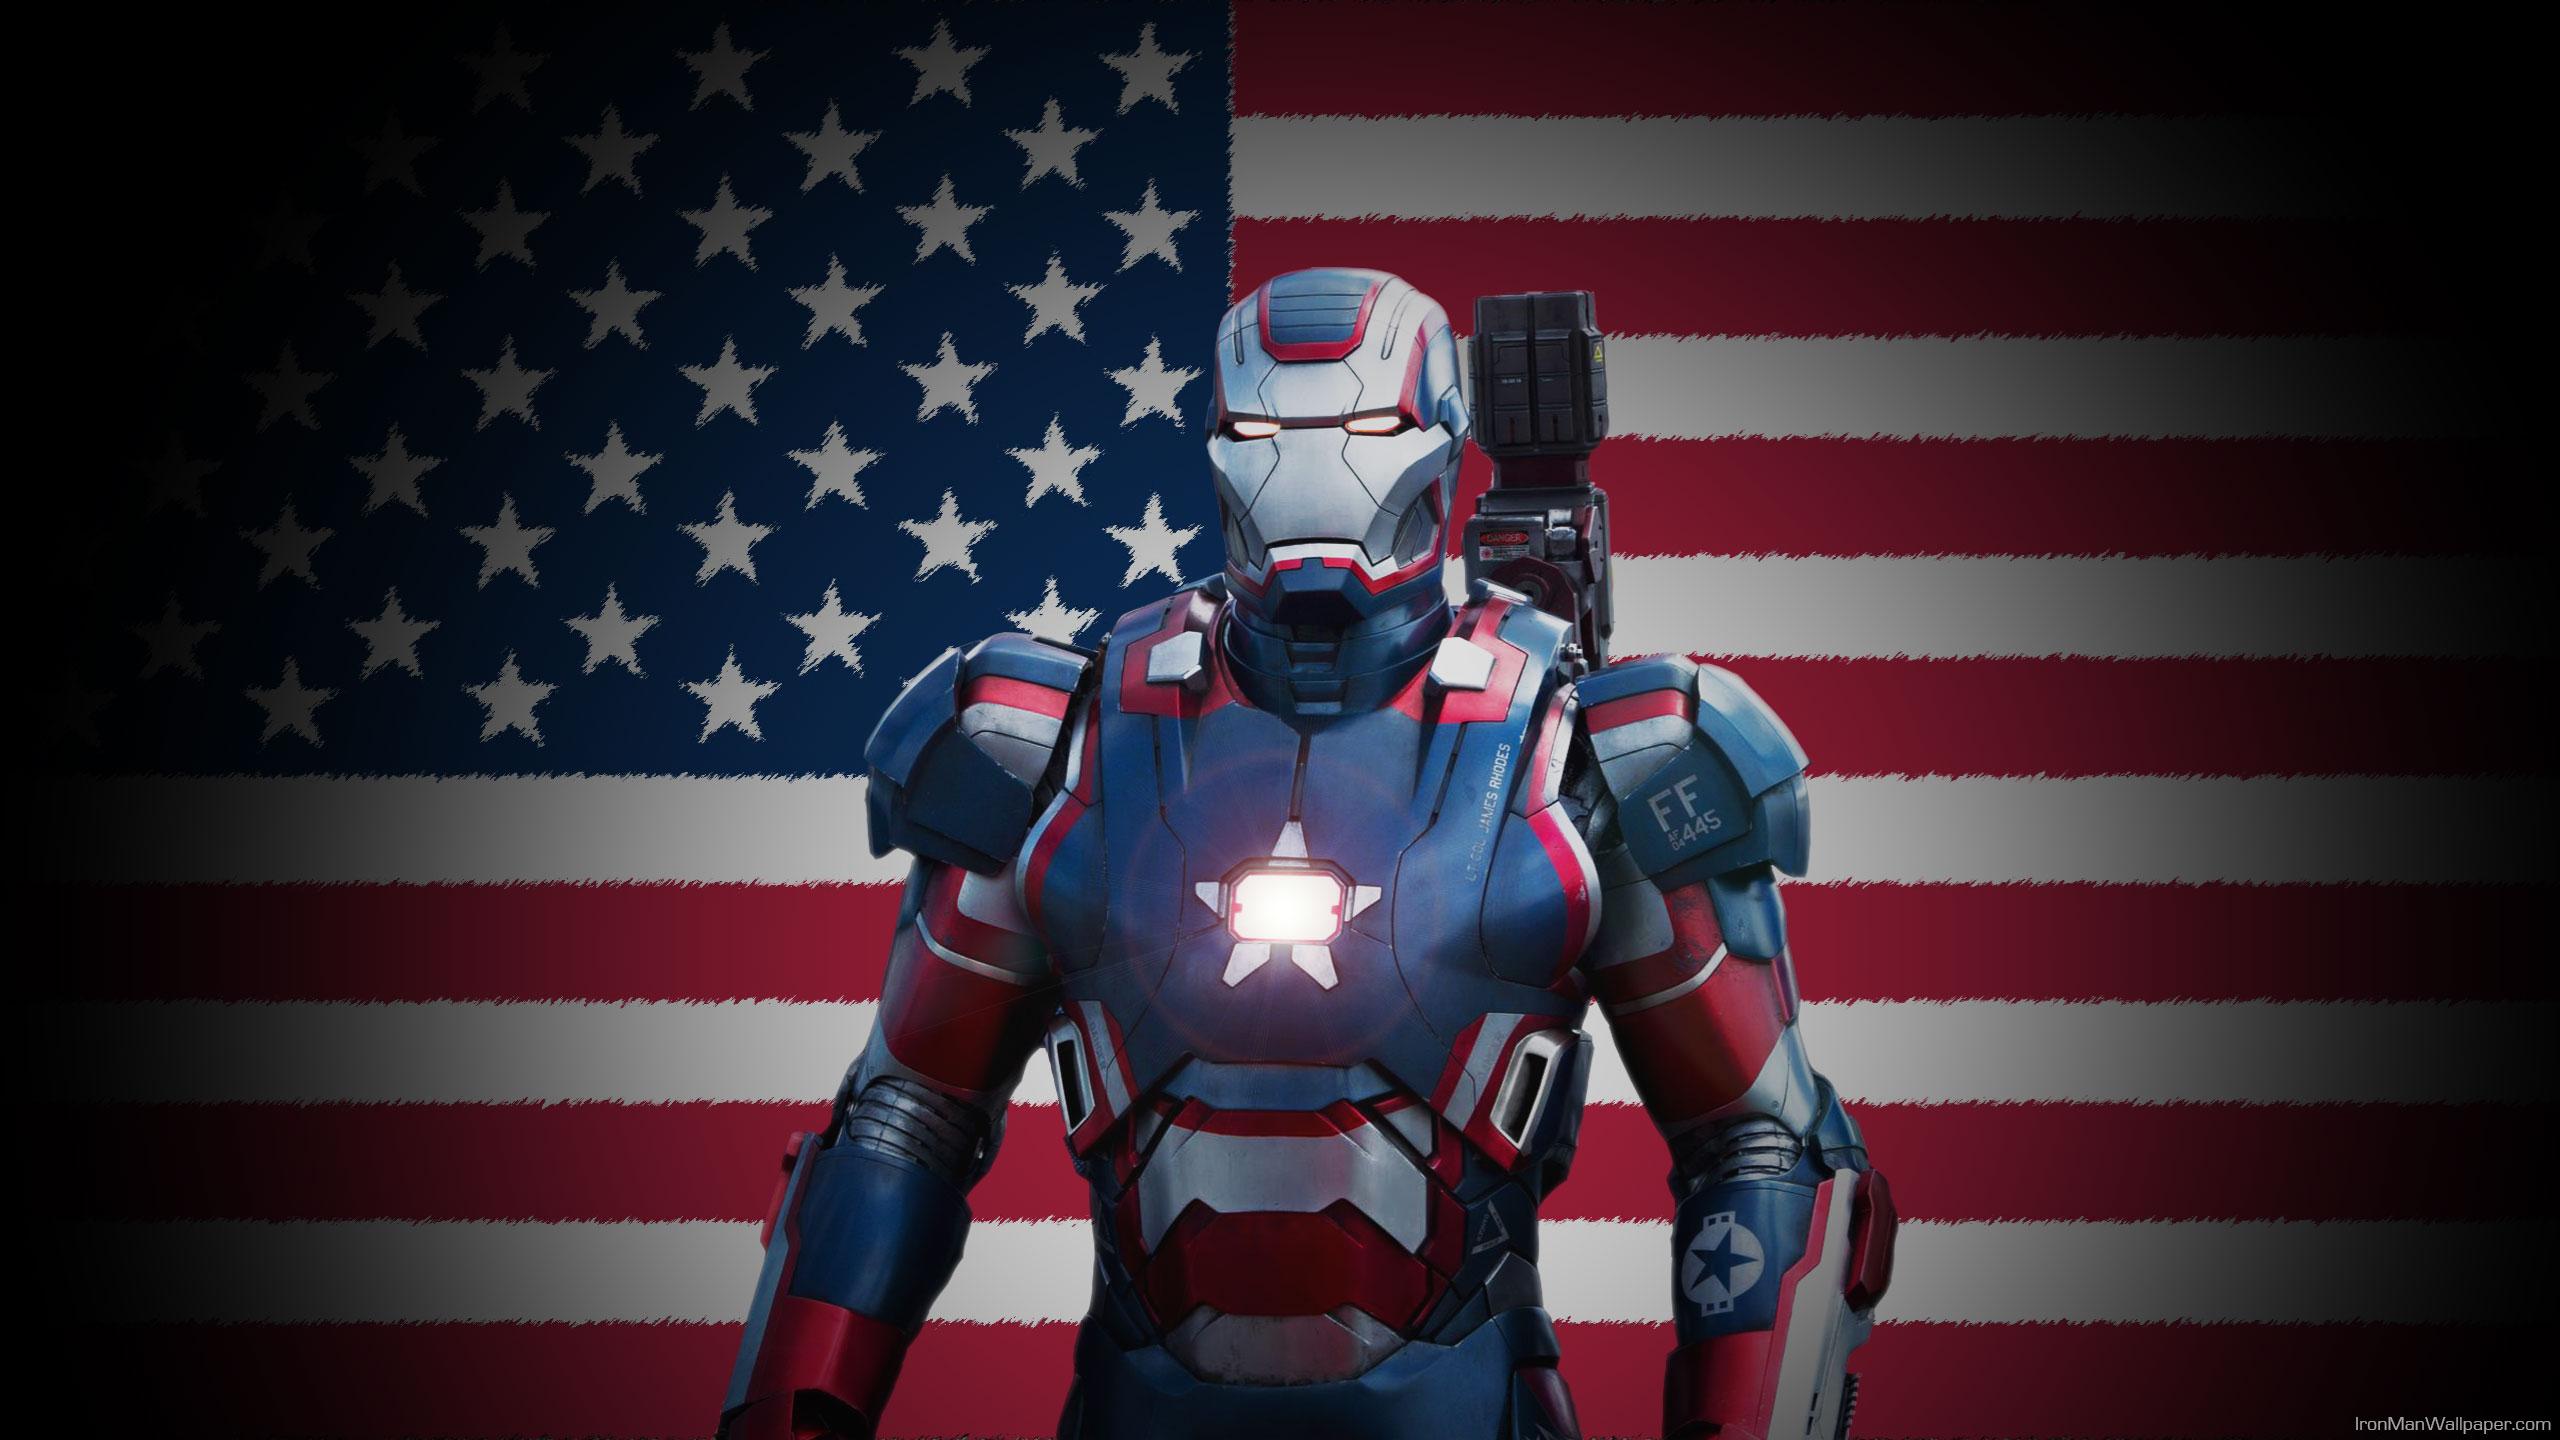 iron man 3 iron patriot wallpaper iron man 3 iron Car Pictures 2560x1440